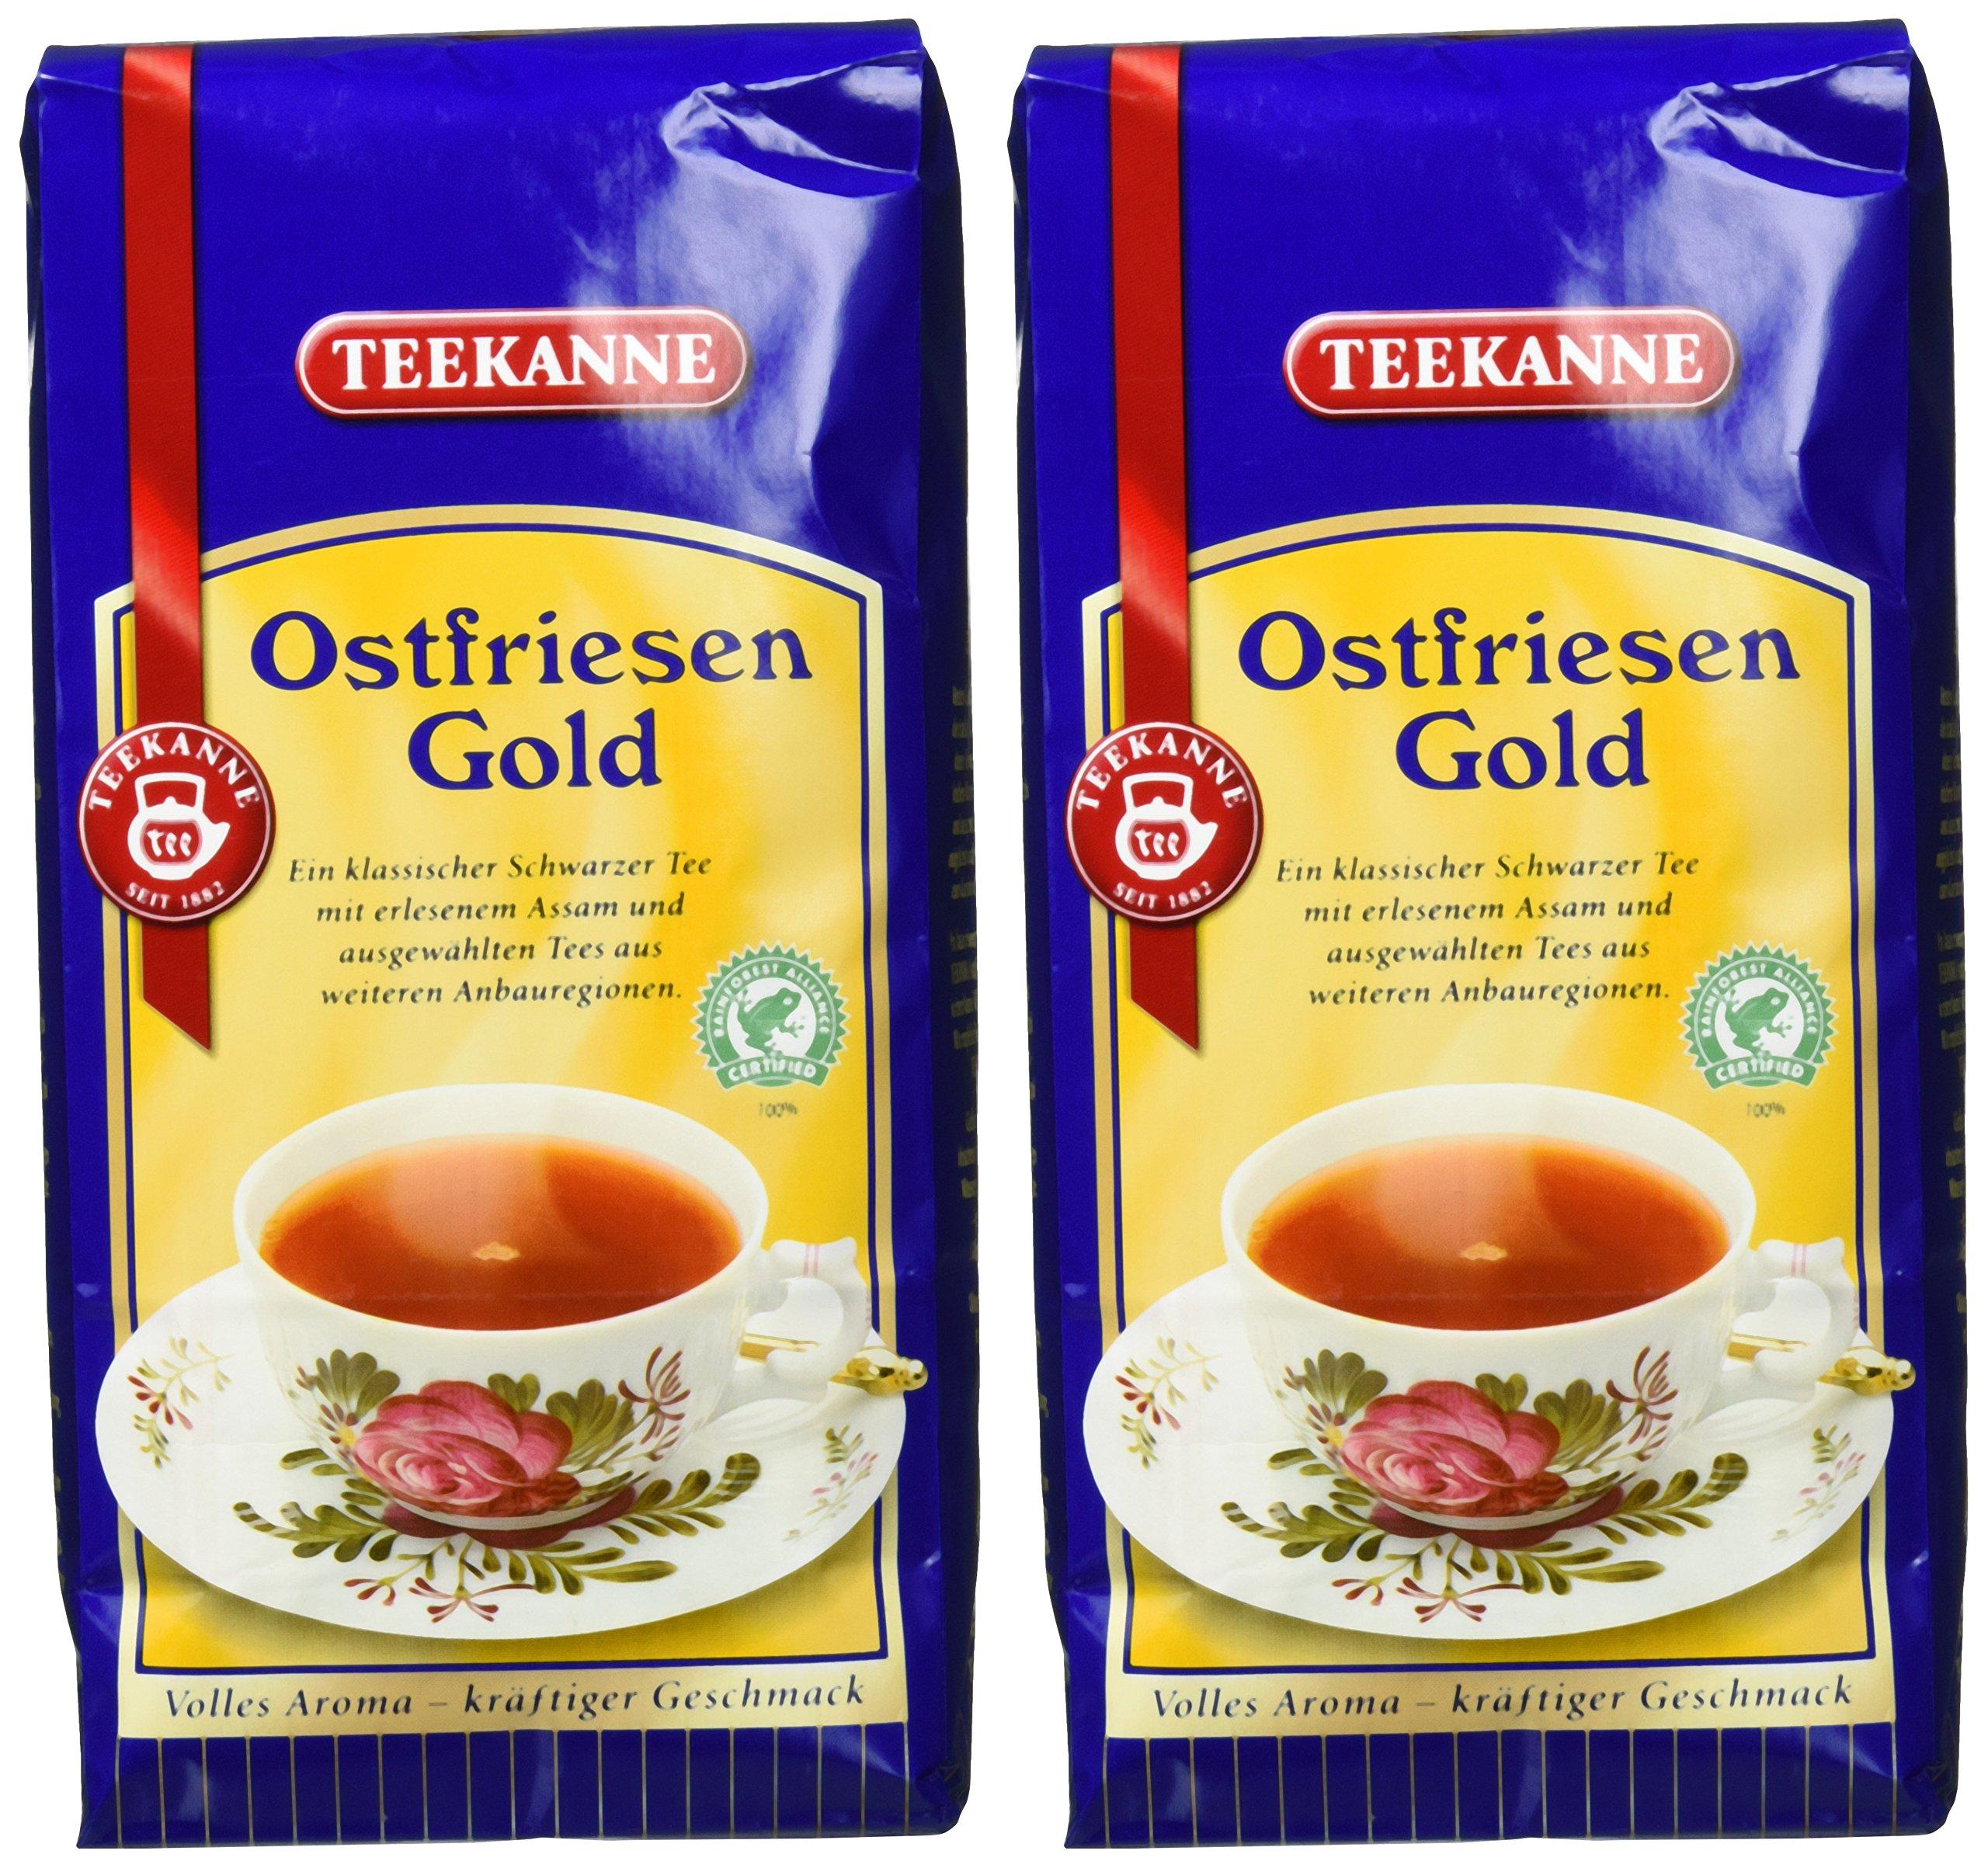 Teekanne-Ostfriesen-Gold-500g-2er-Pack-2-x-500-g